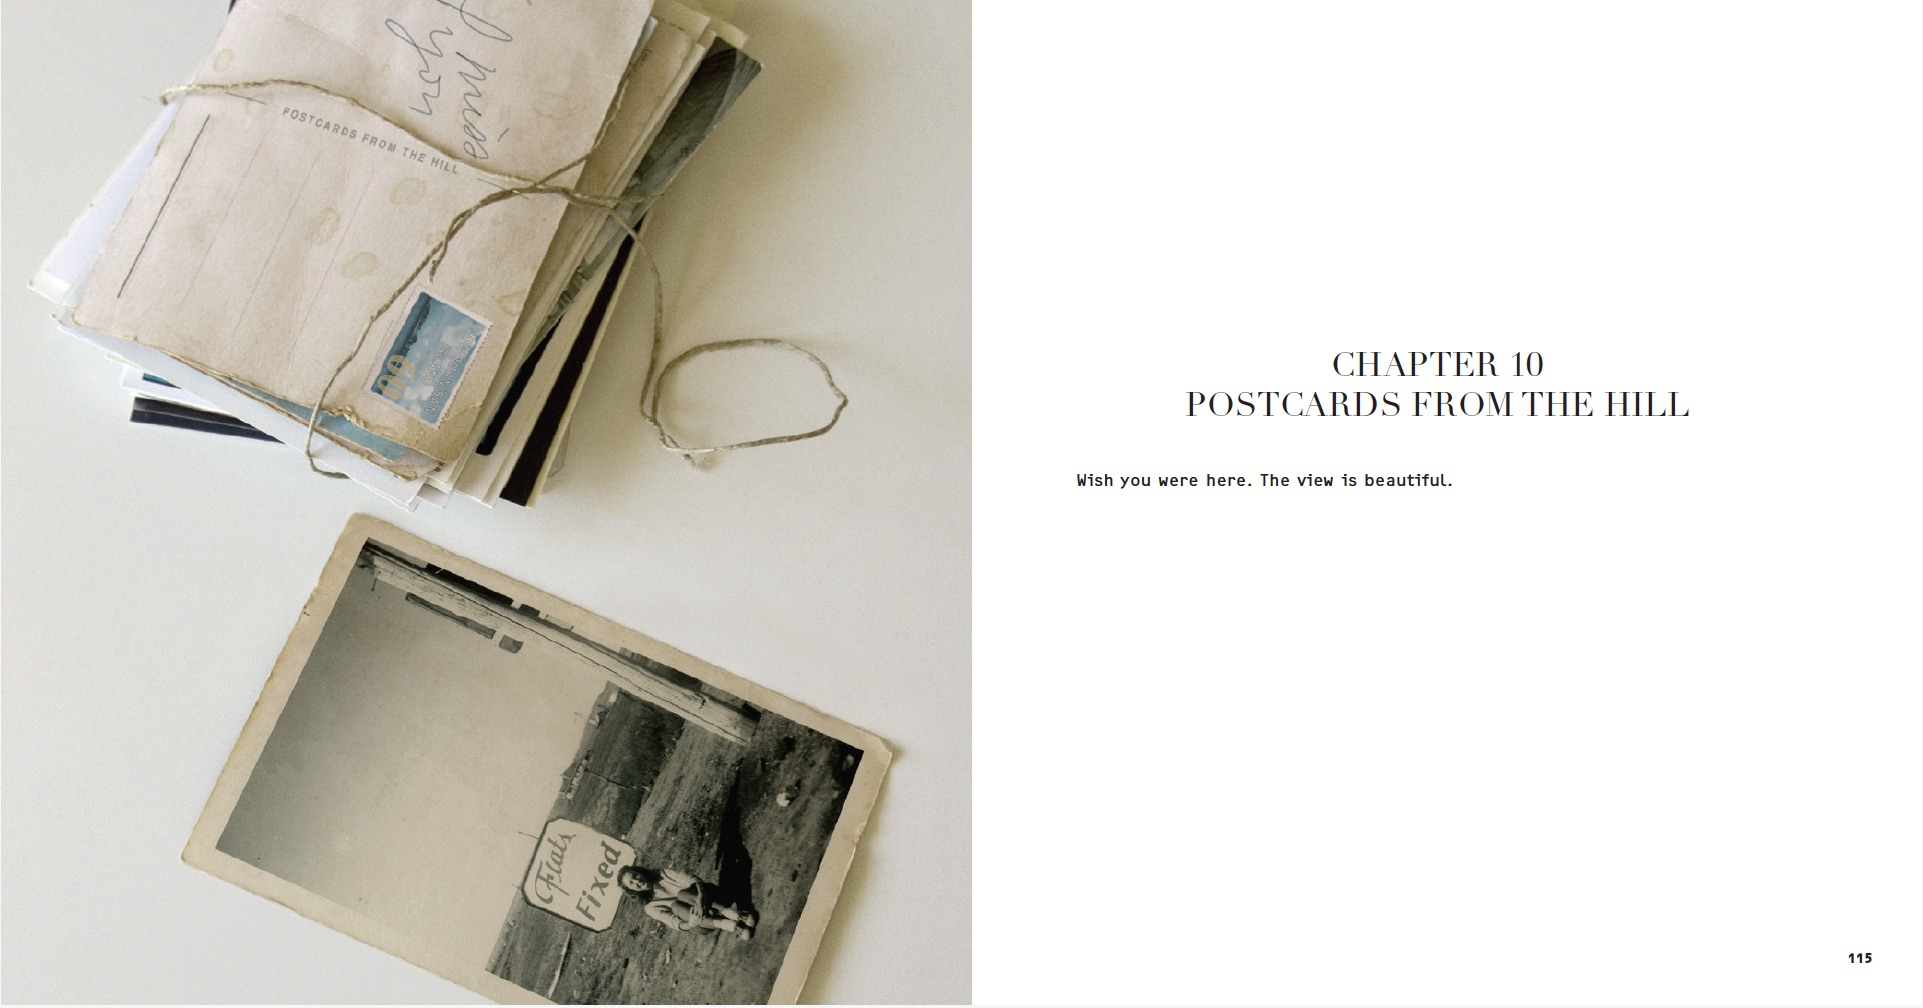 CHARLOTTE MOORE RIPE BOOK SPREAD 7